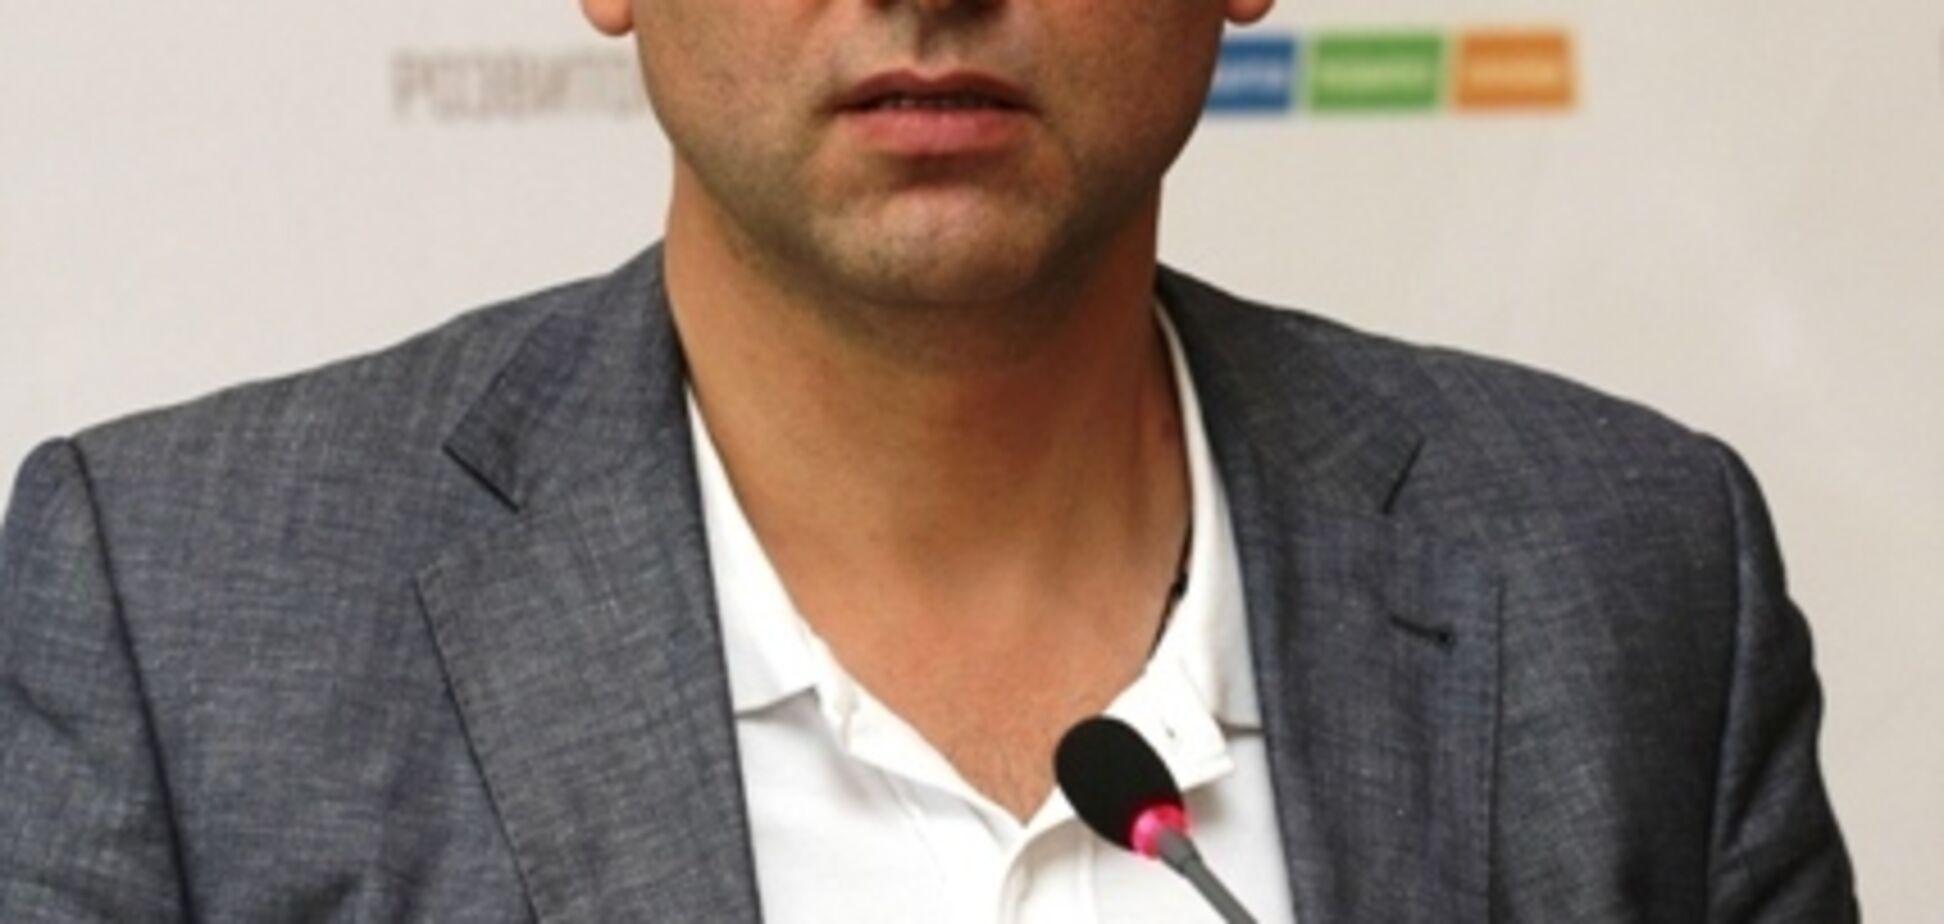 На поруки нардепов: суд отпустил заместителя Труханова